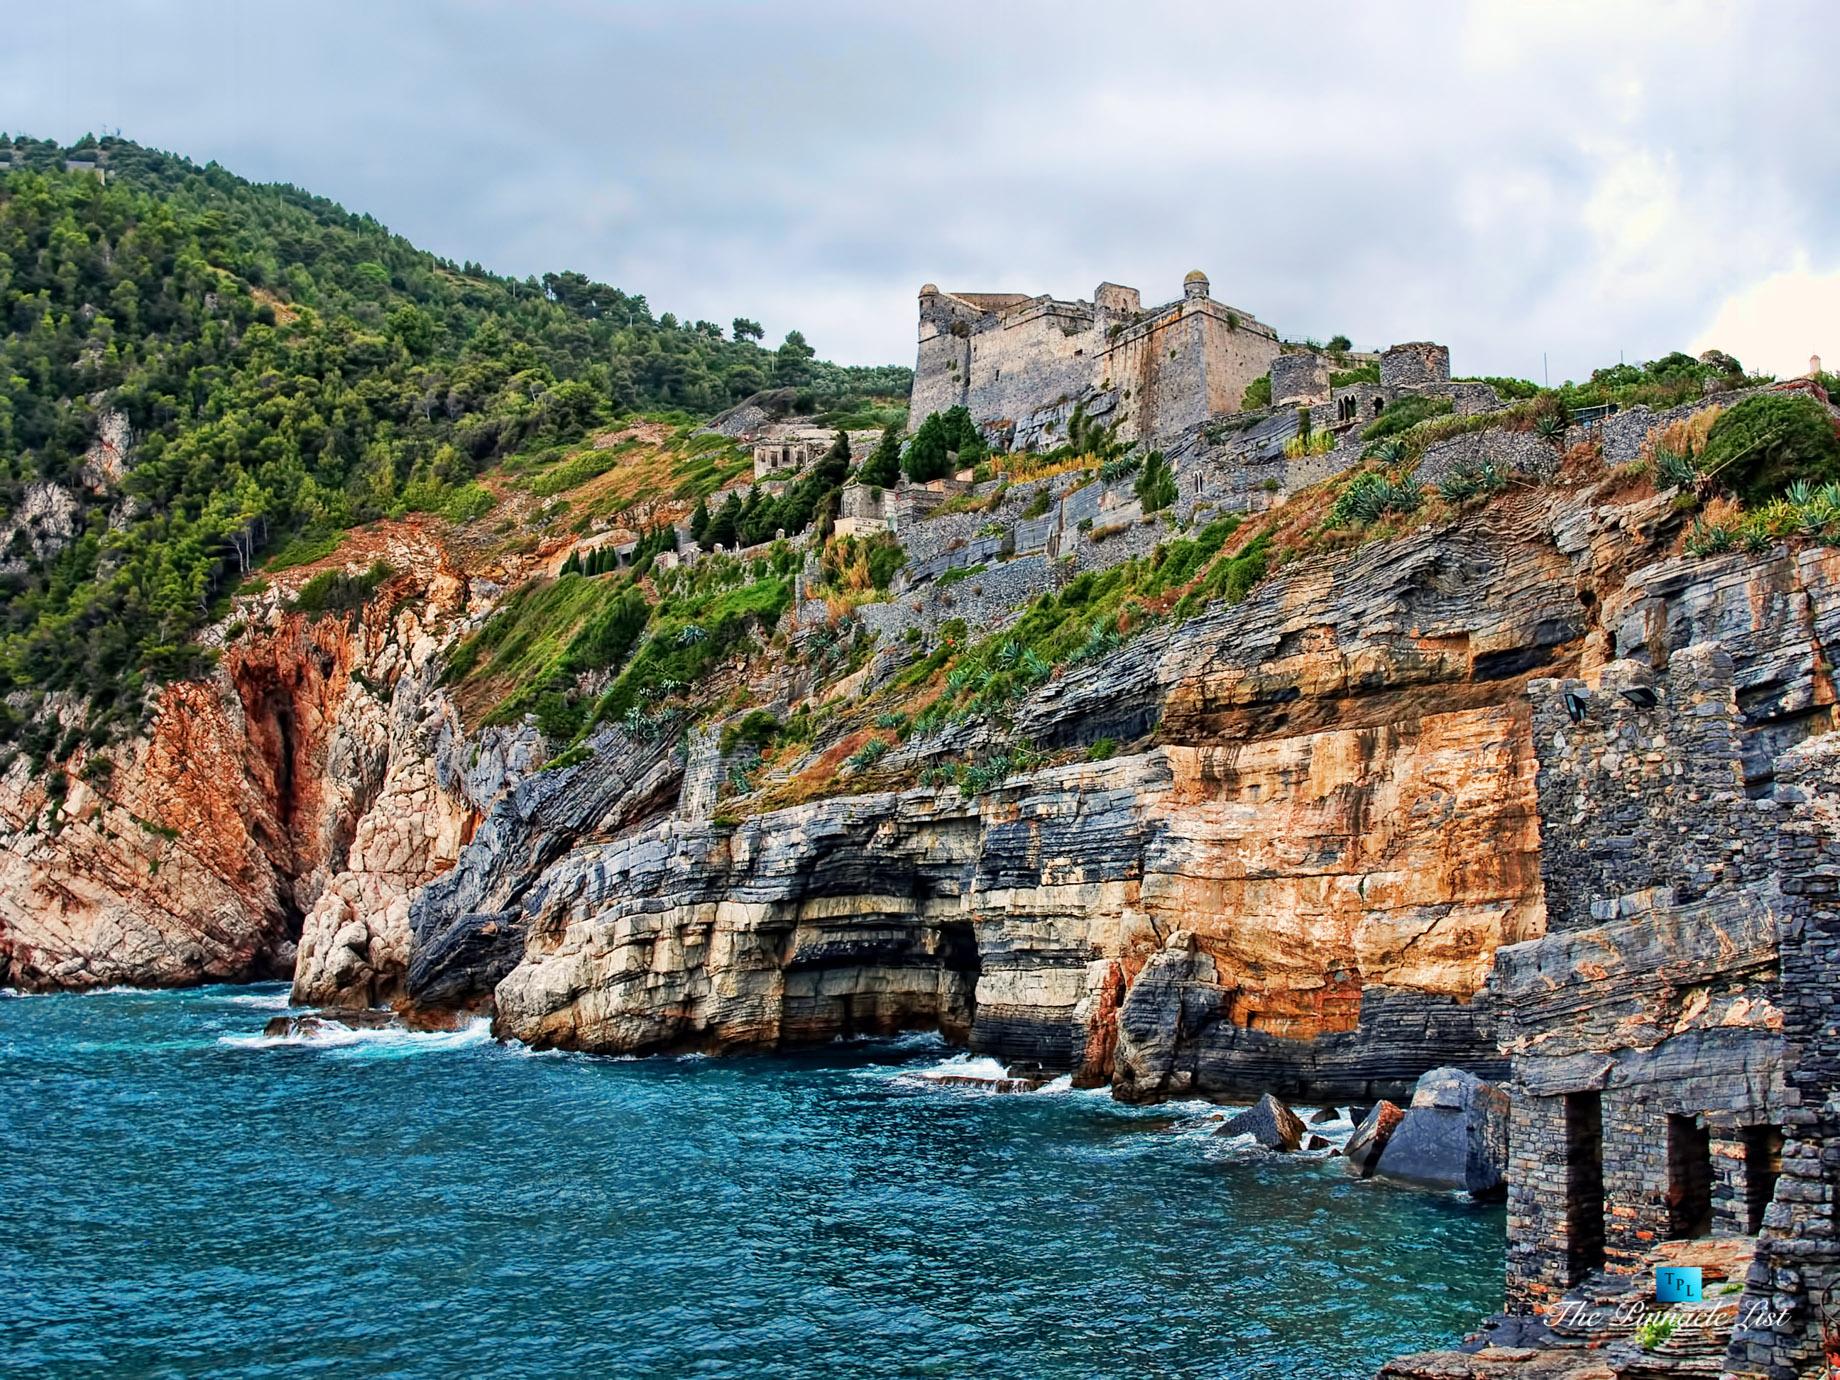 Doria Castle - Portovenere, La Spezia, Liguria - Italy's Hidden Treasure